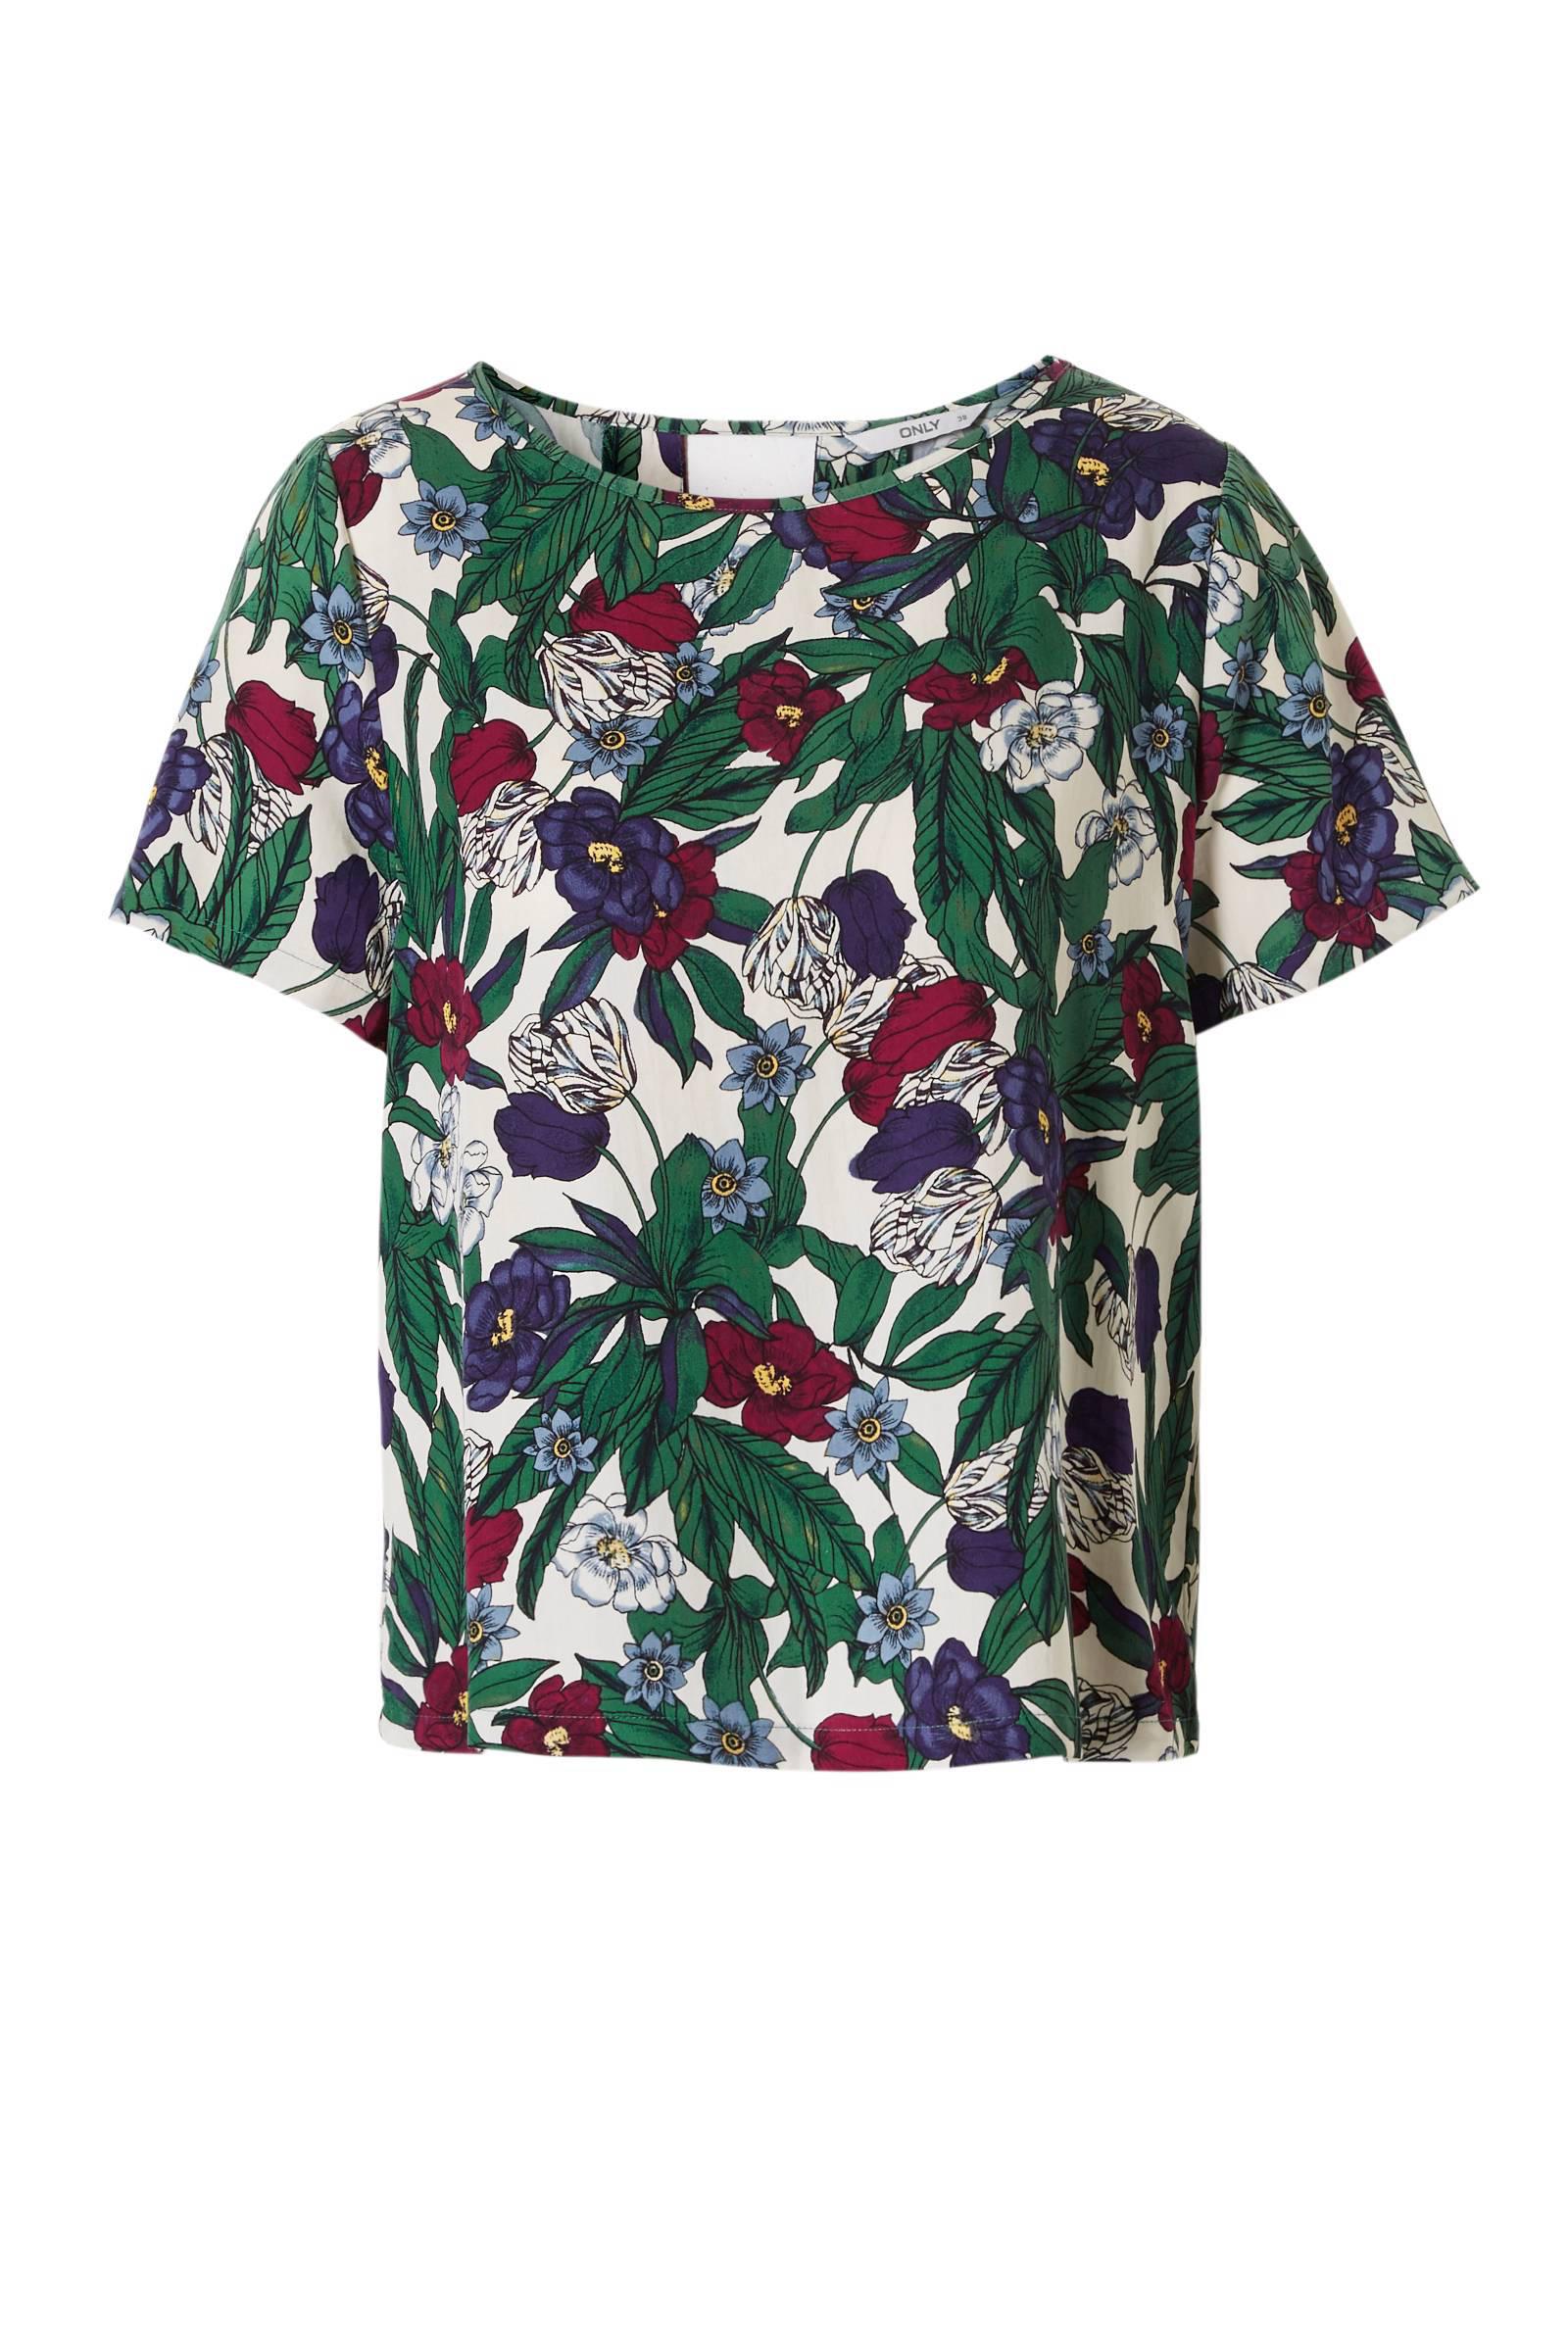 ONLY top met bloemenprint en rugdecolleté (dames)